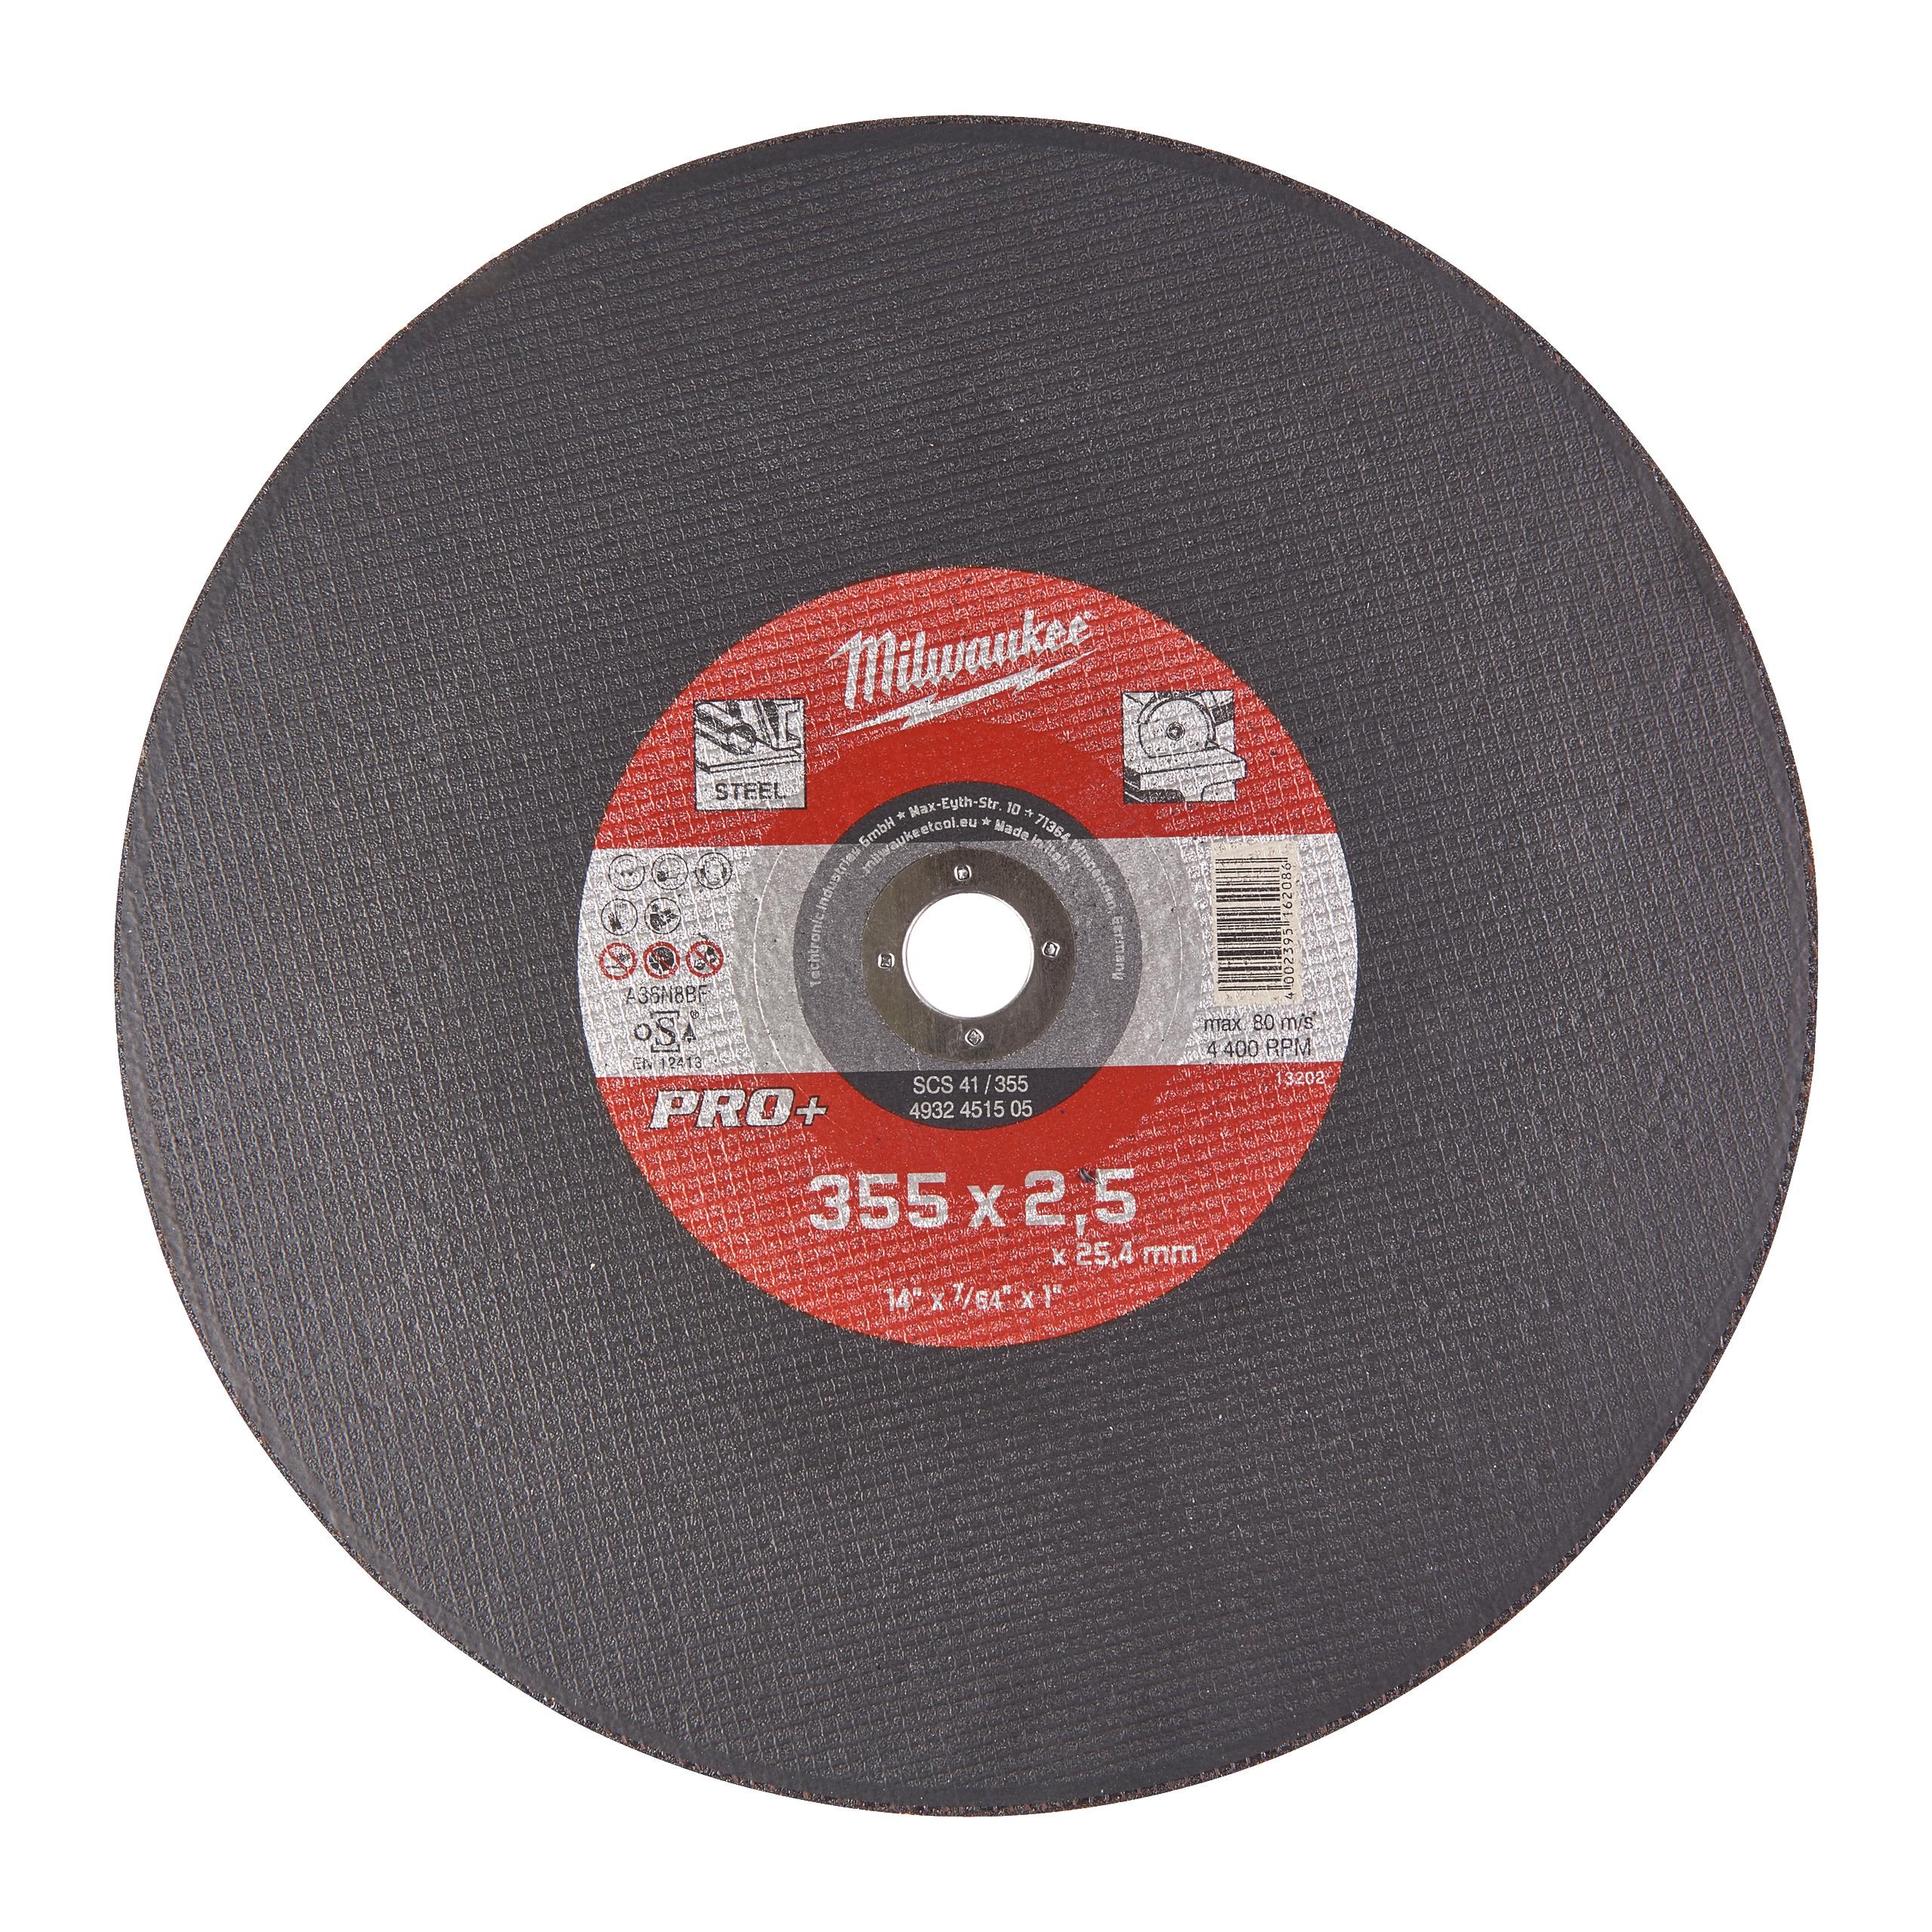 CutWSC 41/355X2,5 PRO+ řezný kotouč -1ks